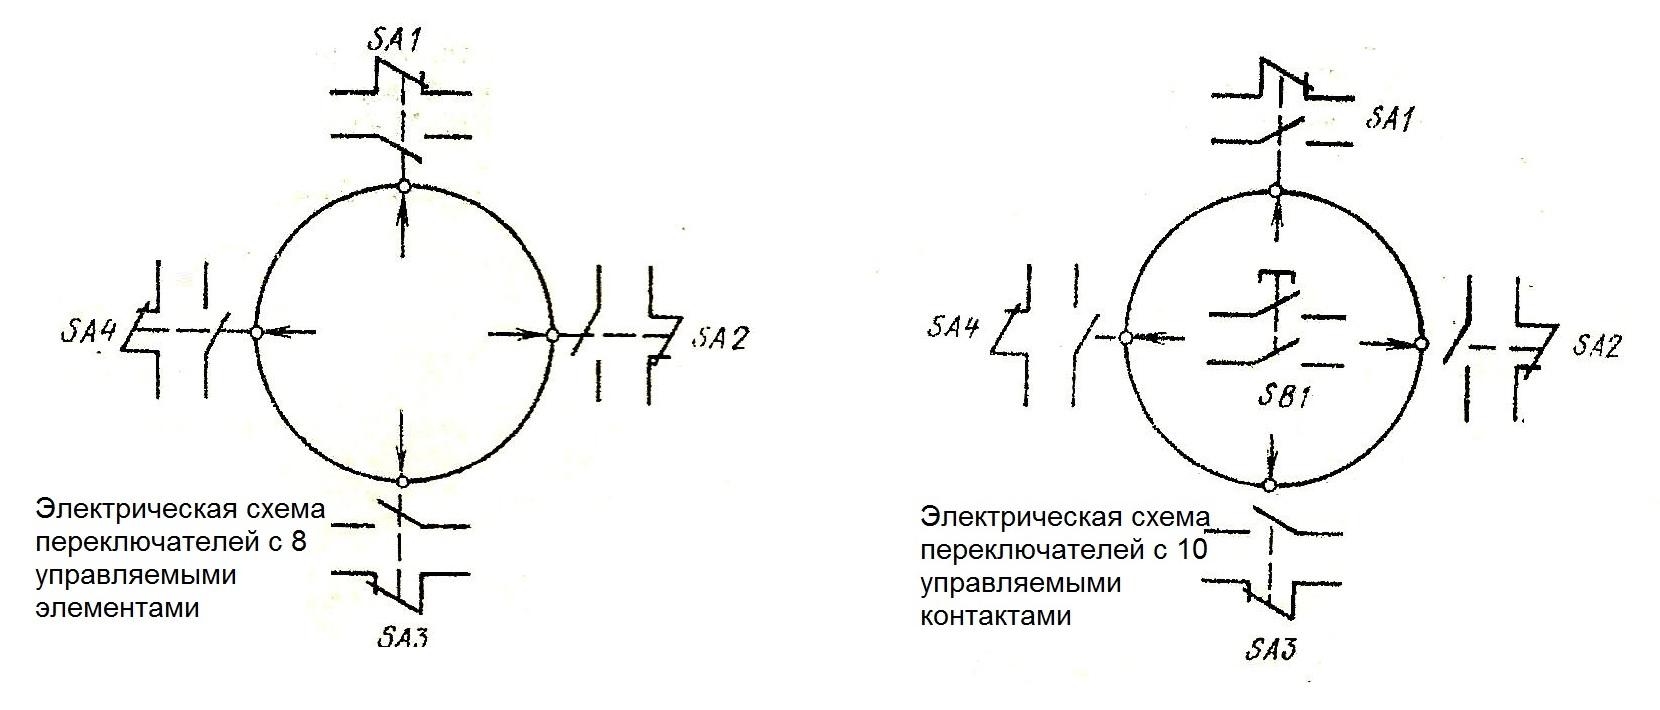 Электрические схемы ПК12-21